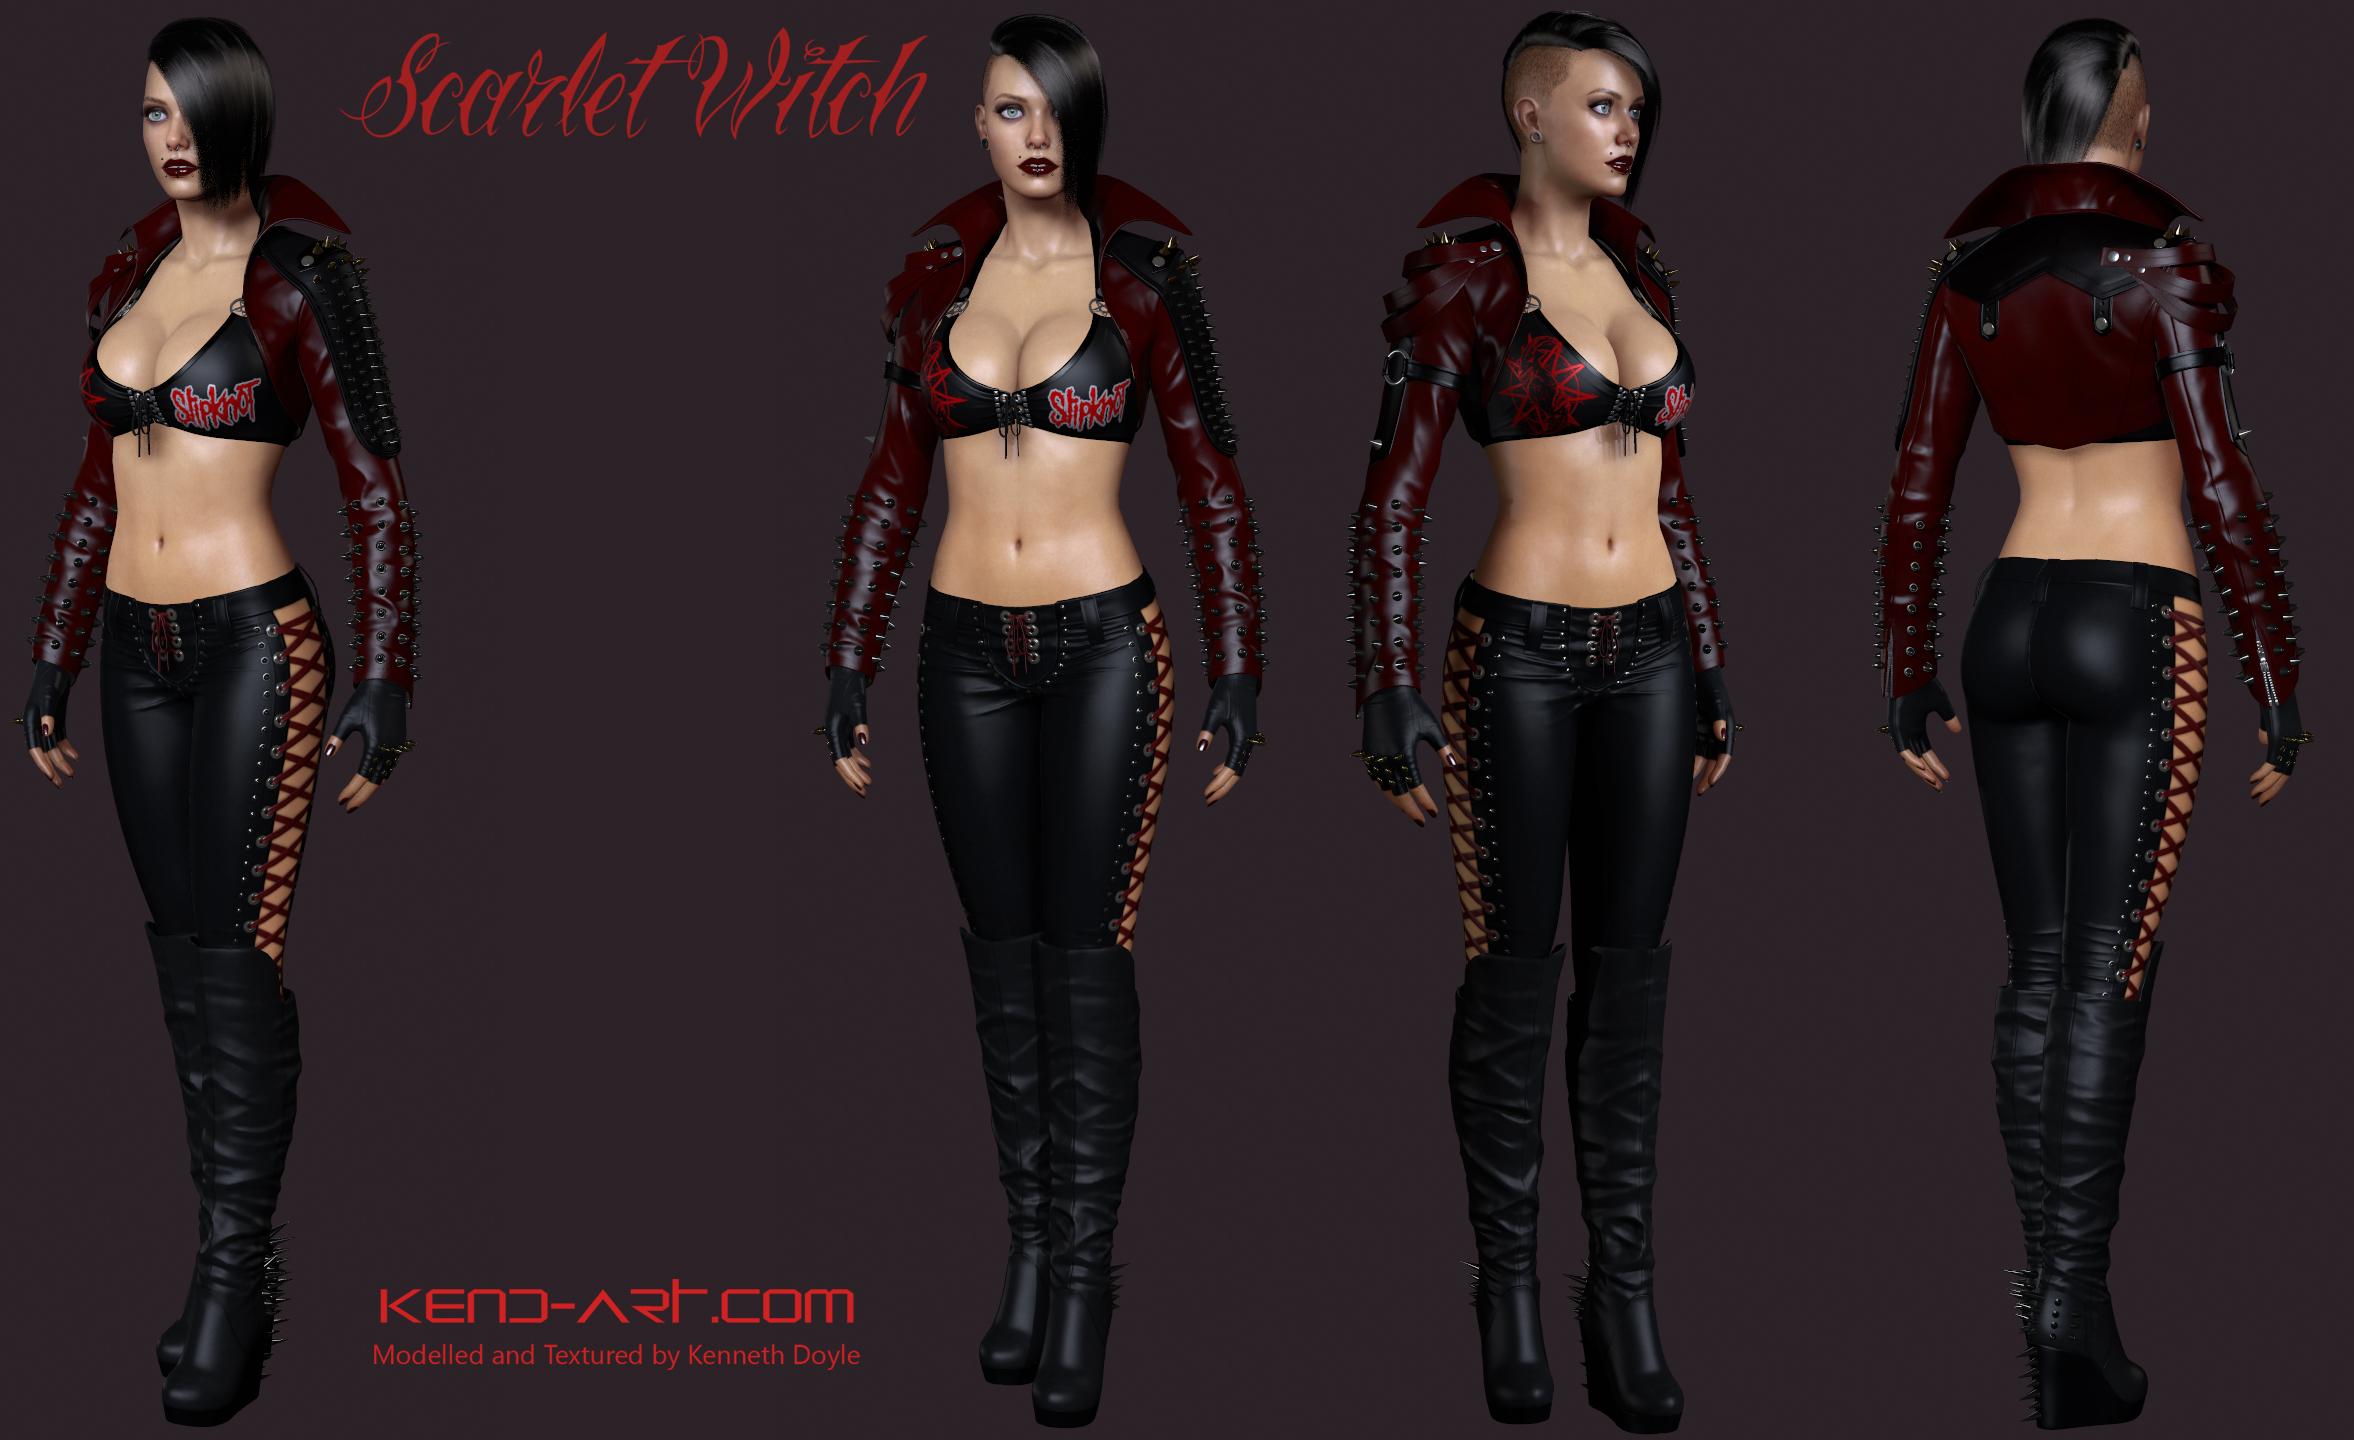 Scarlet Witch Full Body by kdoyle9